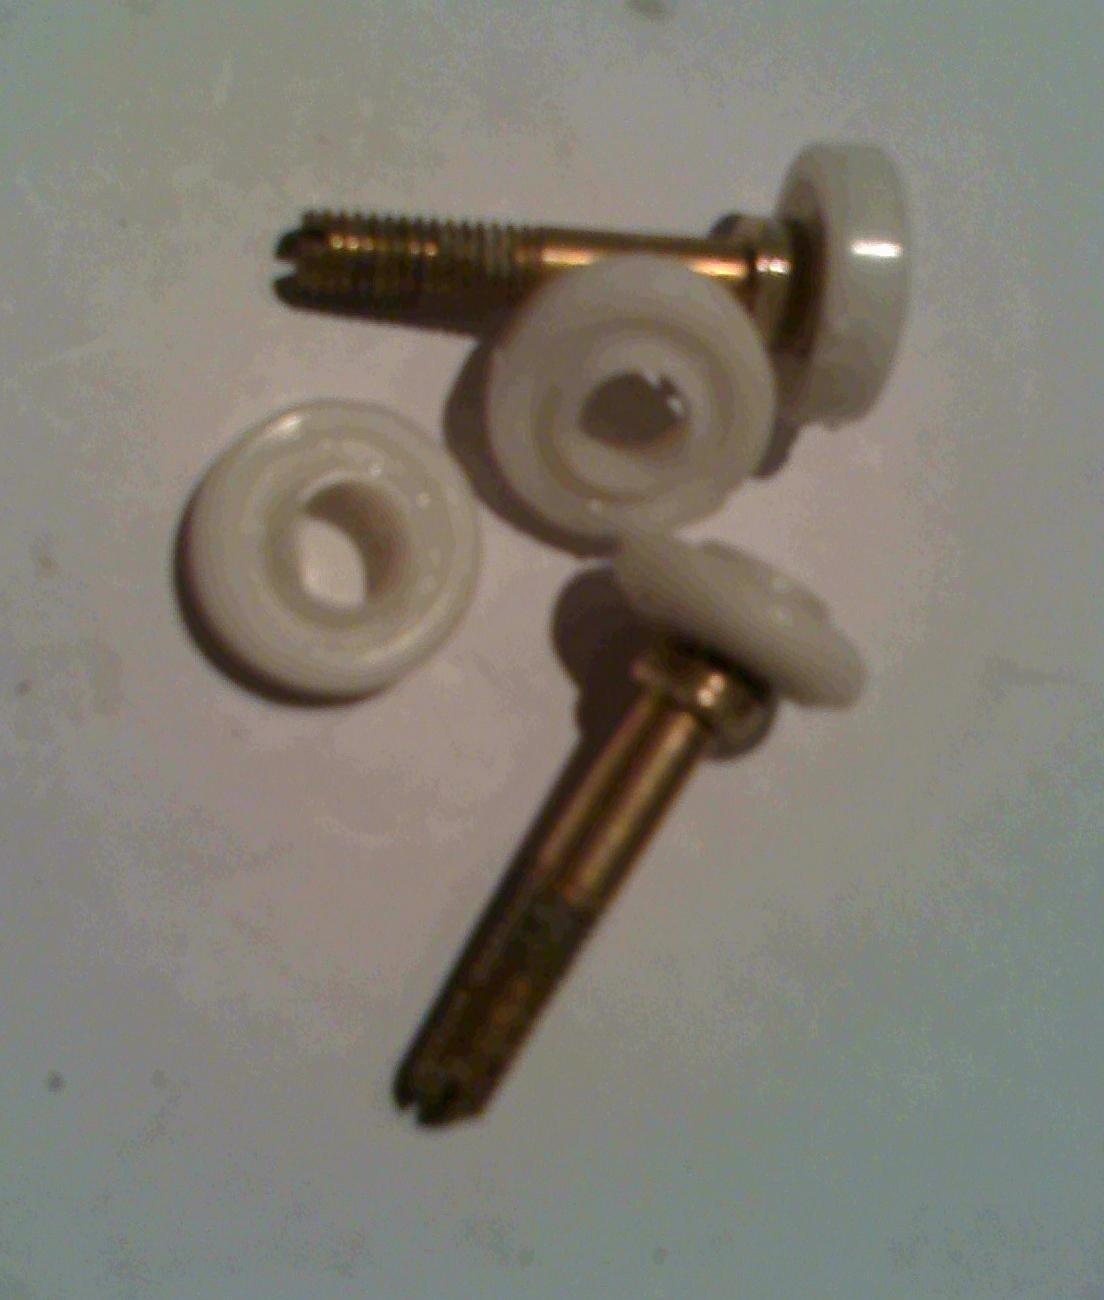 Roulette de porte de douche max min - Roulette de porte de douche ...